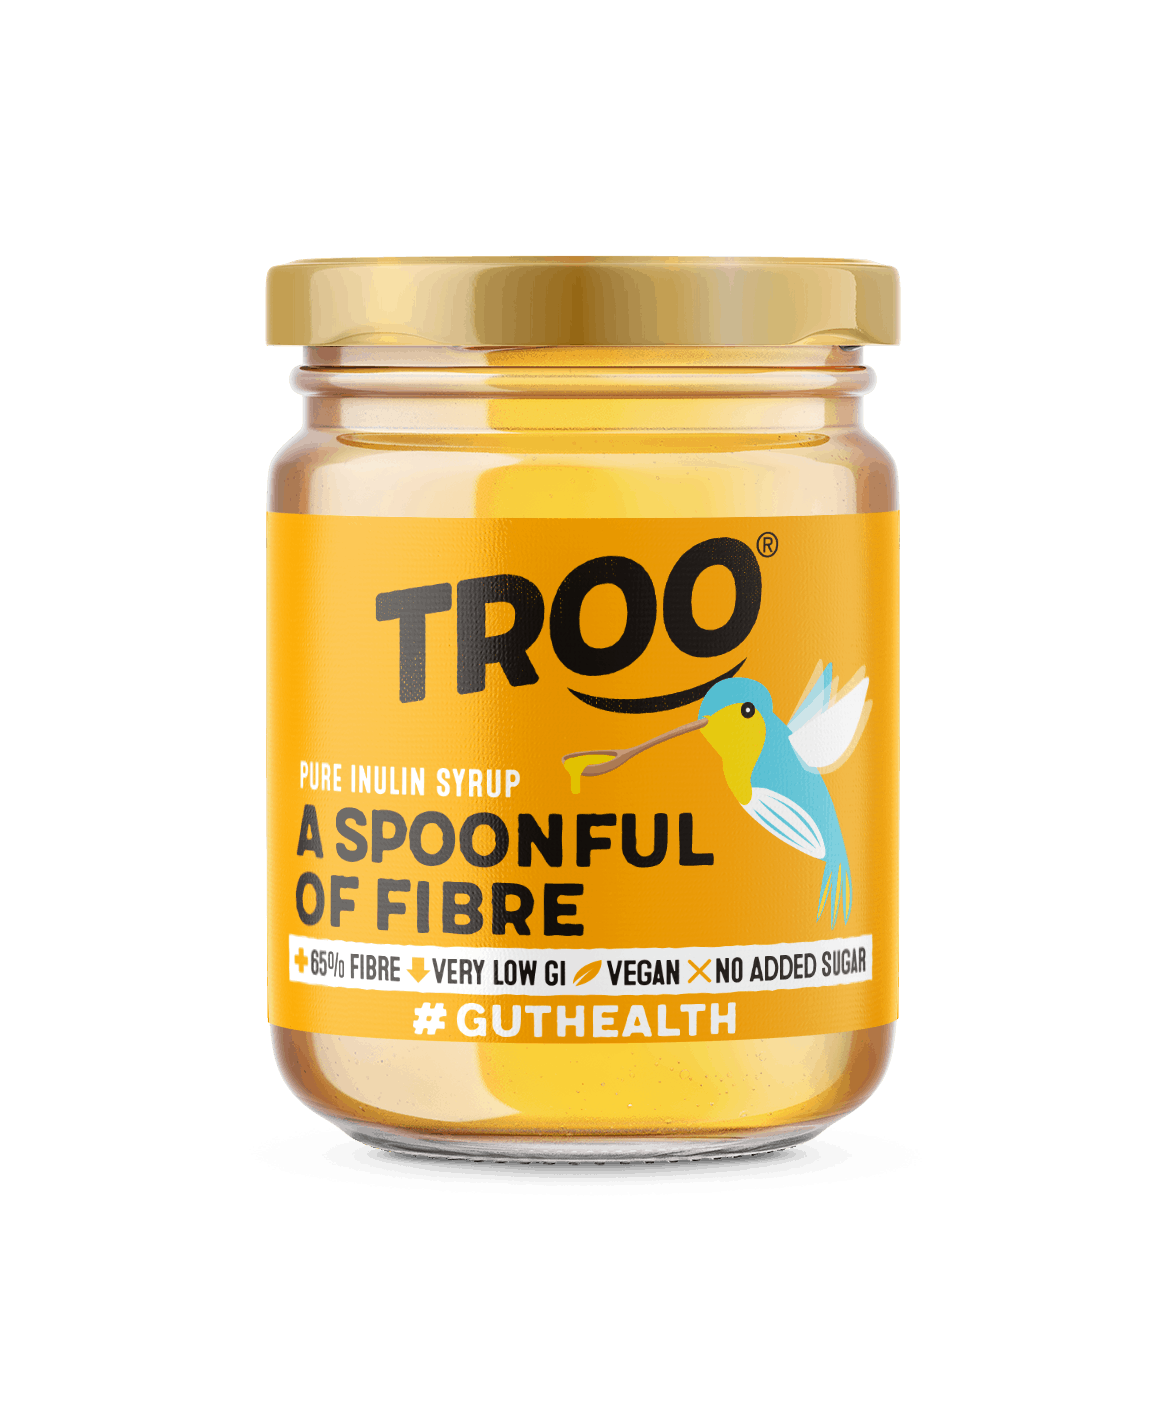 Troo Spoonful of Fibre